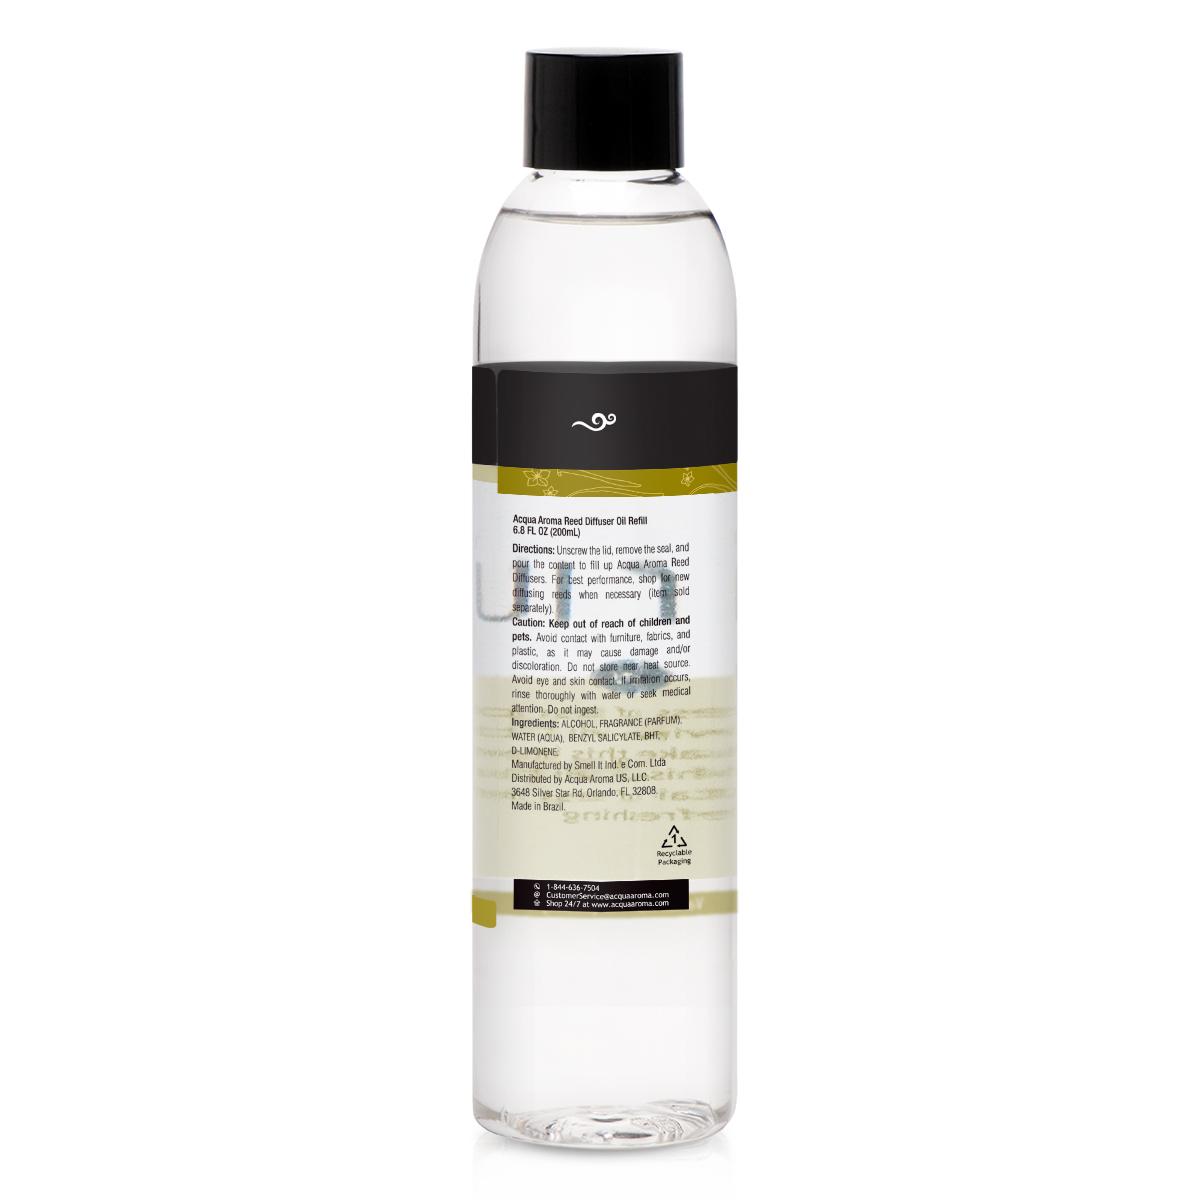 Vanilla Reed Diffuser Oil Refill 68 Fl Oz 200ml Good Hair Spray